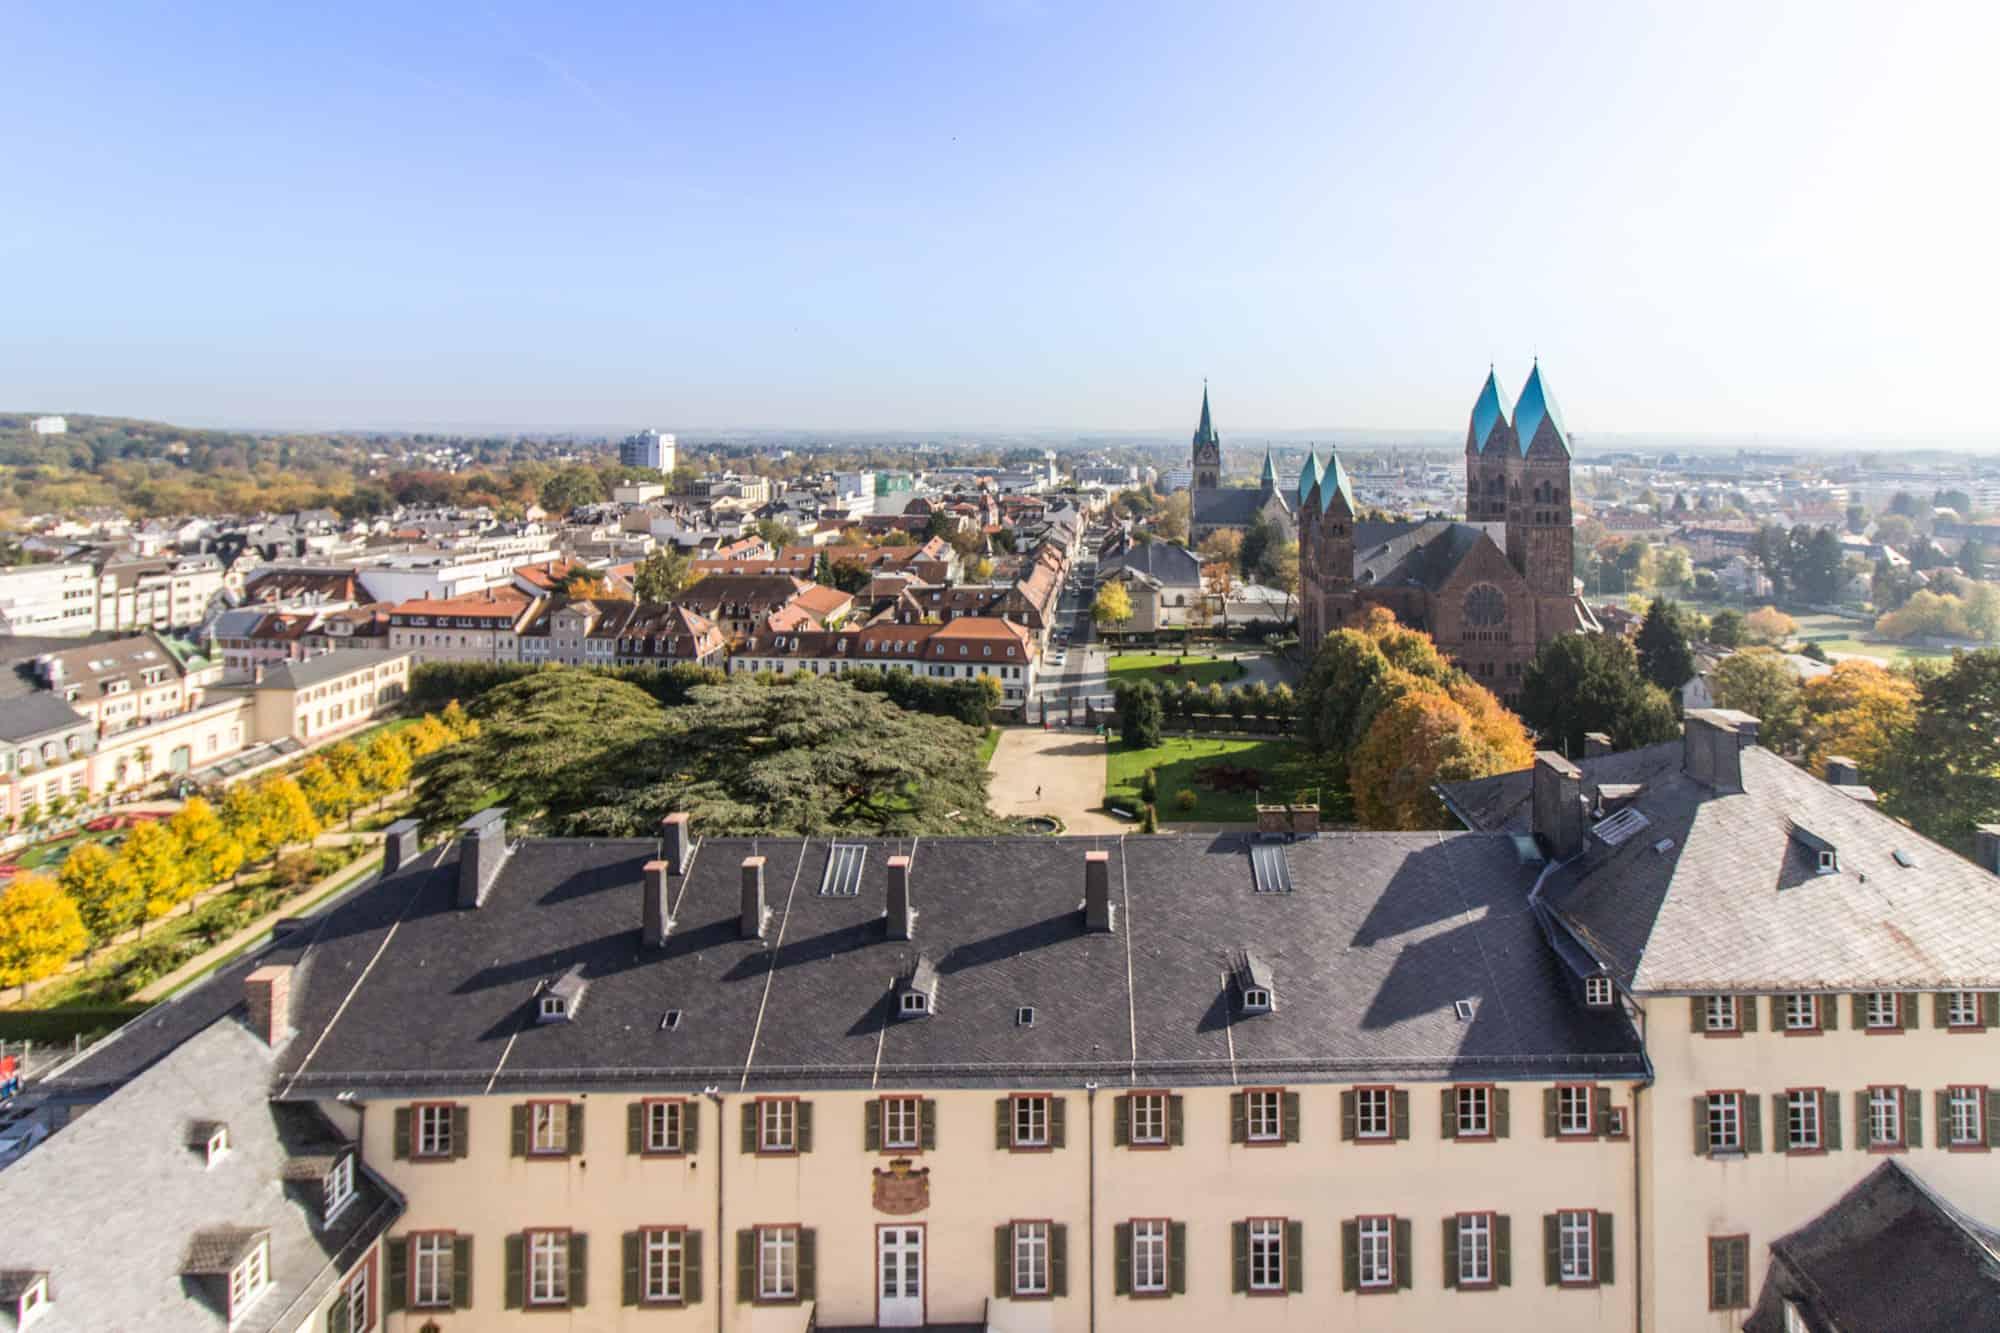 Ausflugsziele im Herbst im Rhein-Main-Gebiet –Bad Homburg